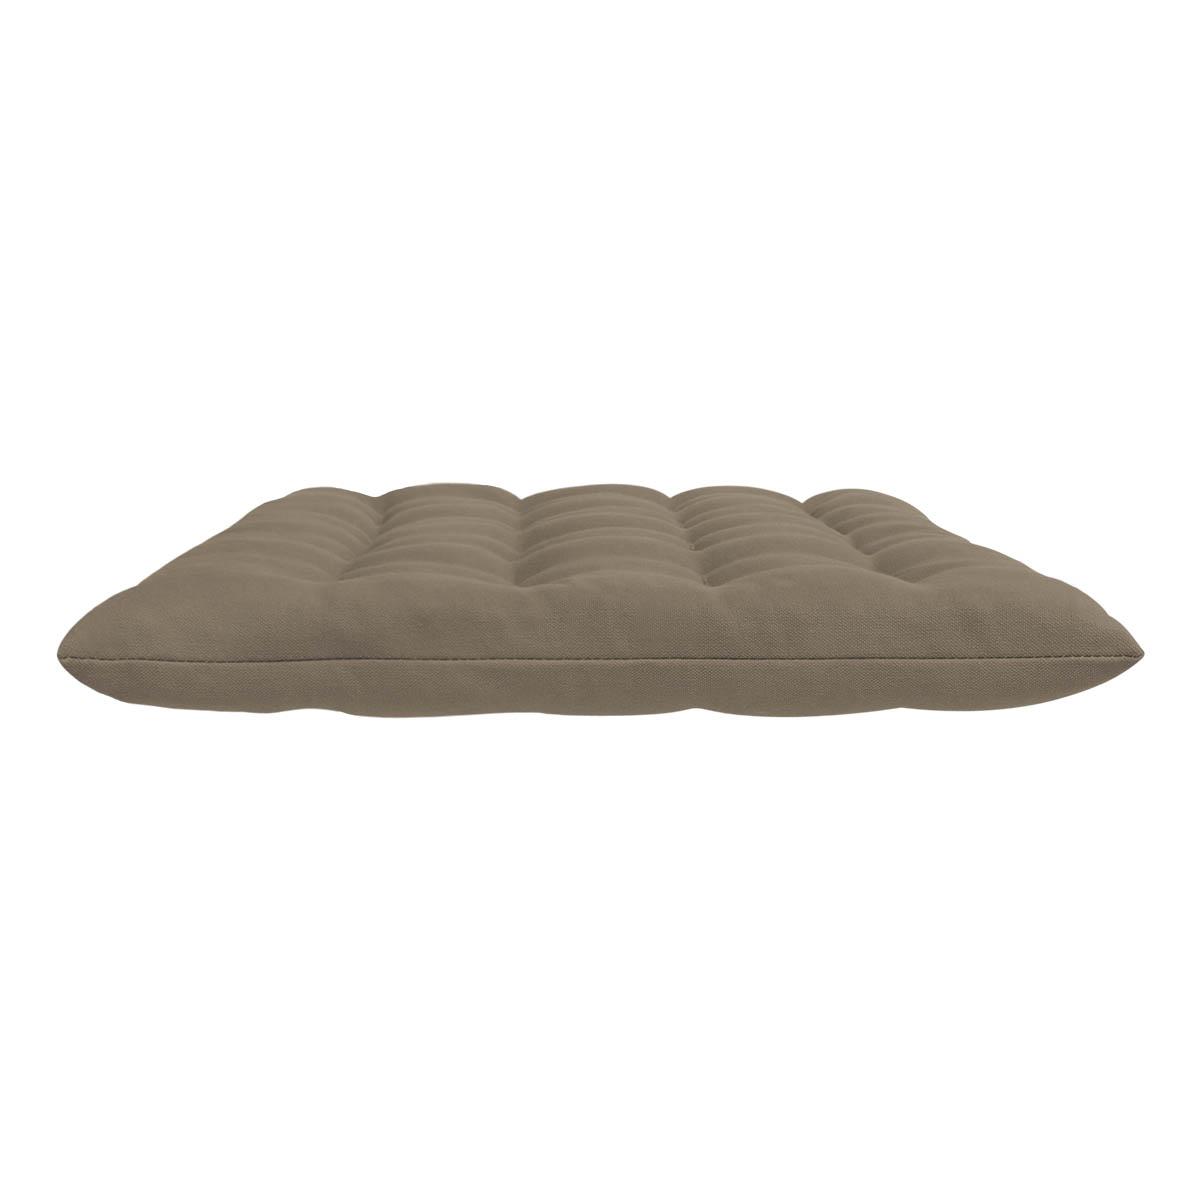 almofada almofada para cadeira 04.jpg #6C6152 1200x1200